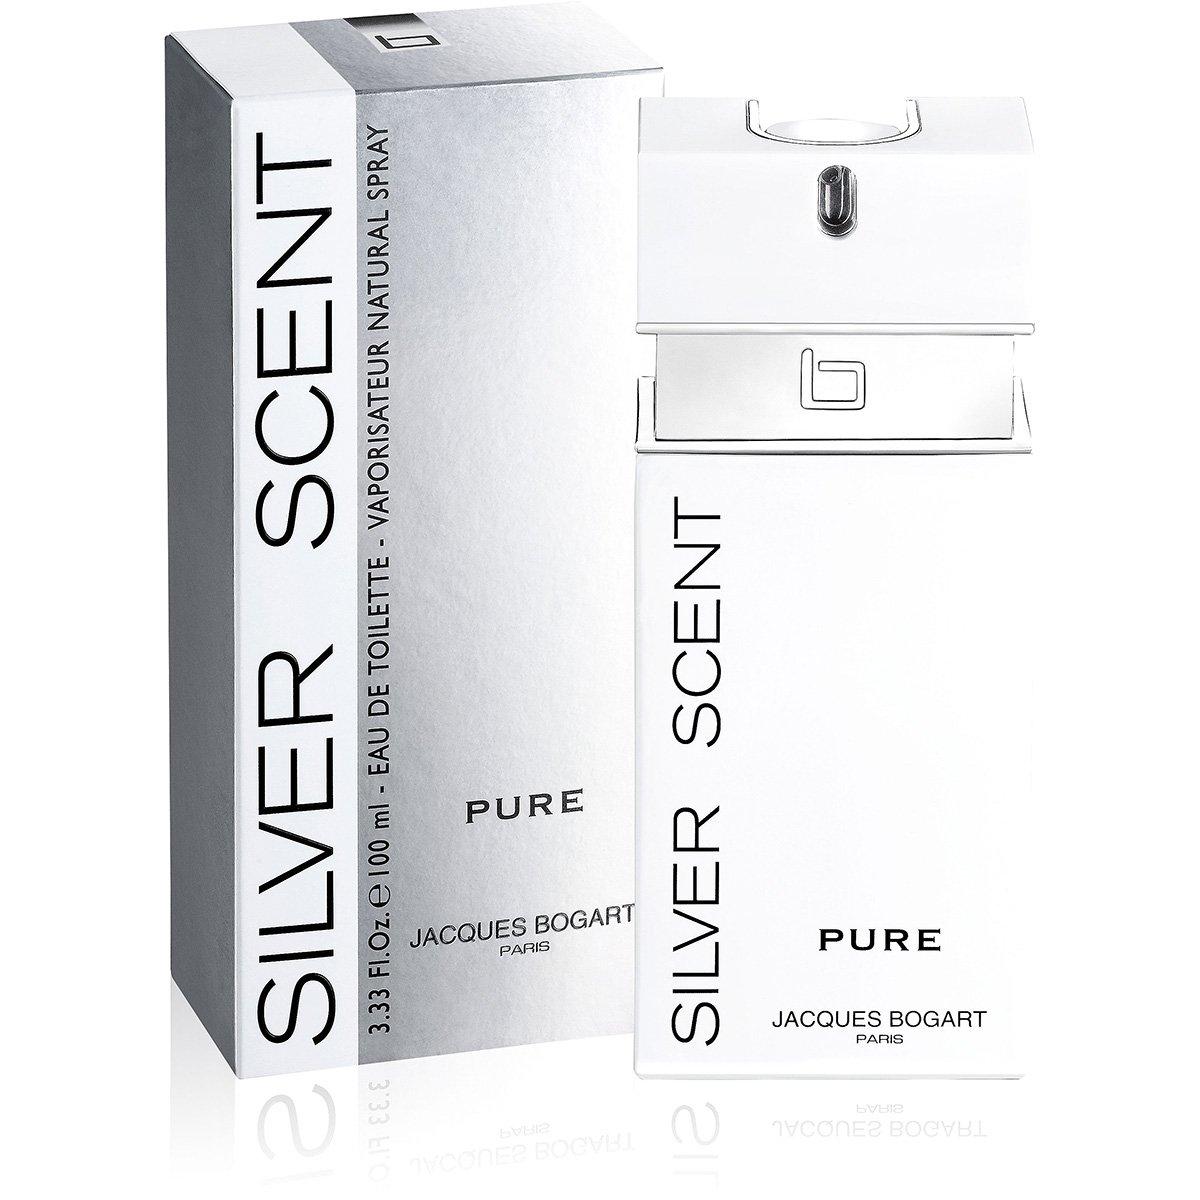 ab5879a53a Perfume Silver Scent Intense Masculino Jacques Bogart Masculino Jacques  Bogart EDT 100ml - Incolor - Compre Agora